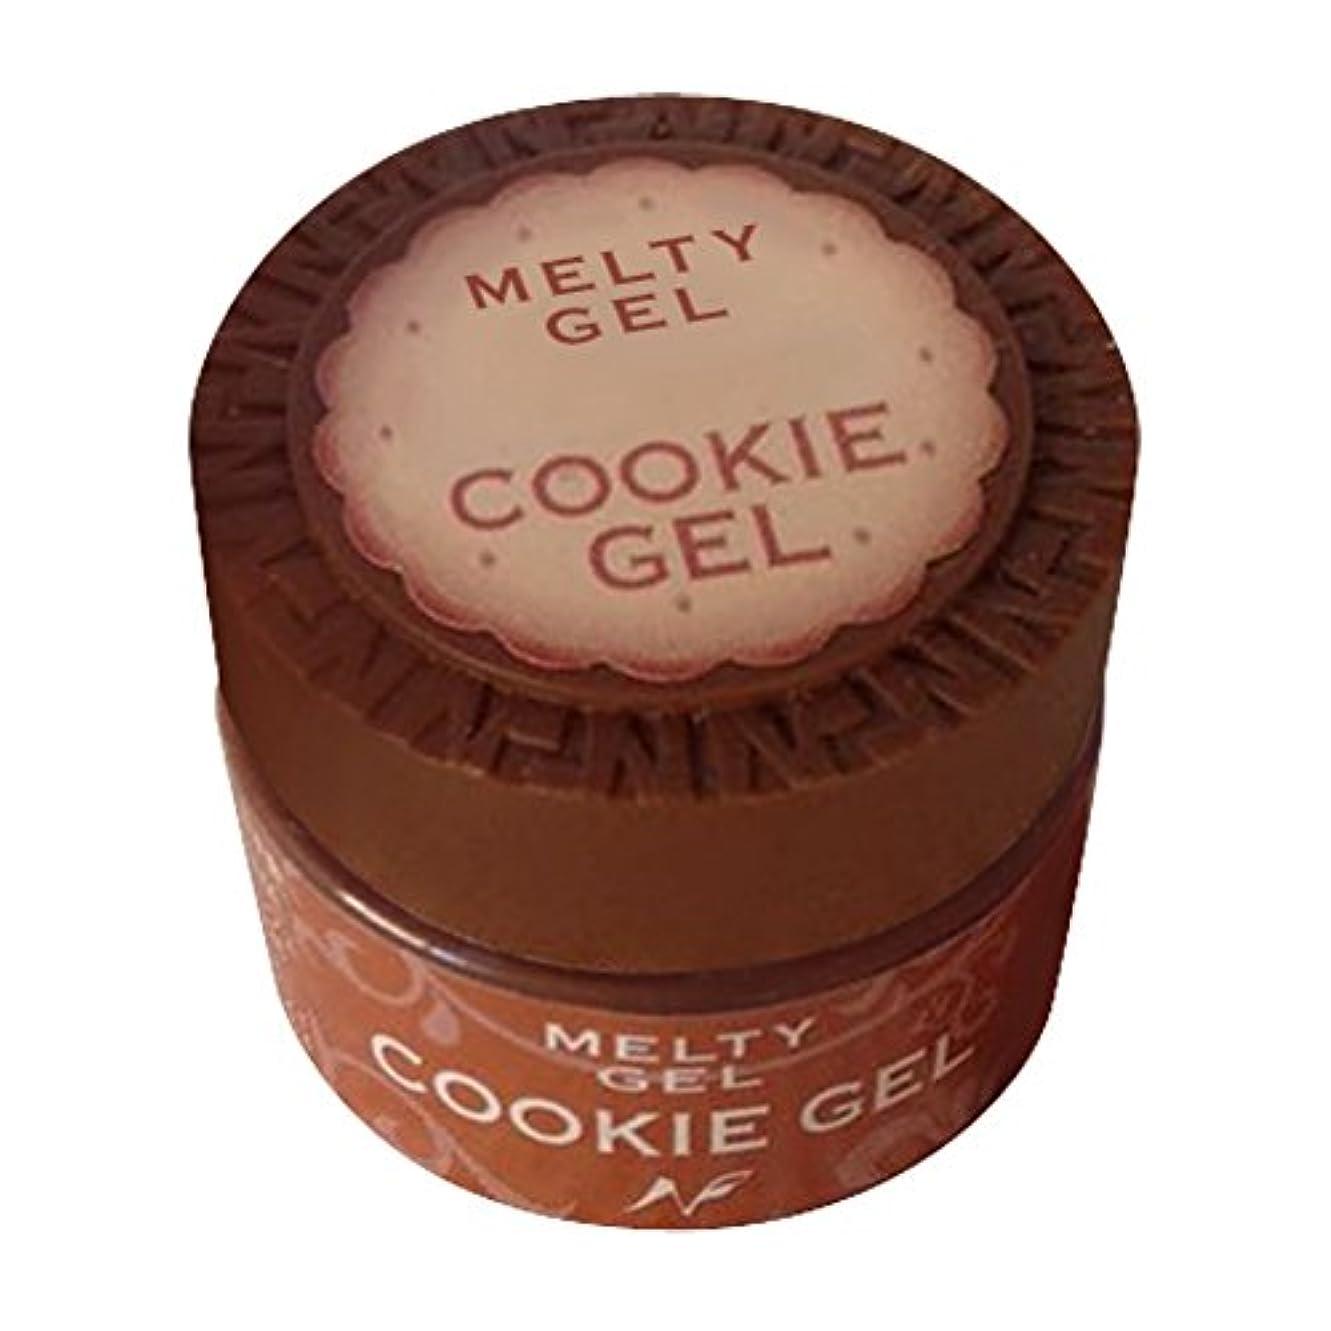 重要な役割を果たす、中心的な手段となる見捨てられたワインNatural Field Melty Gel クッキージェル 3902ブルー 5g